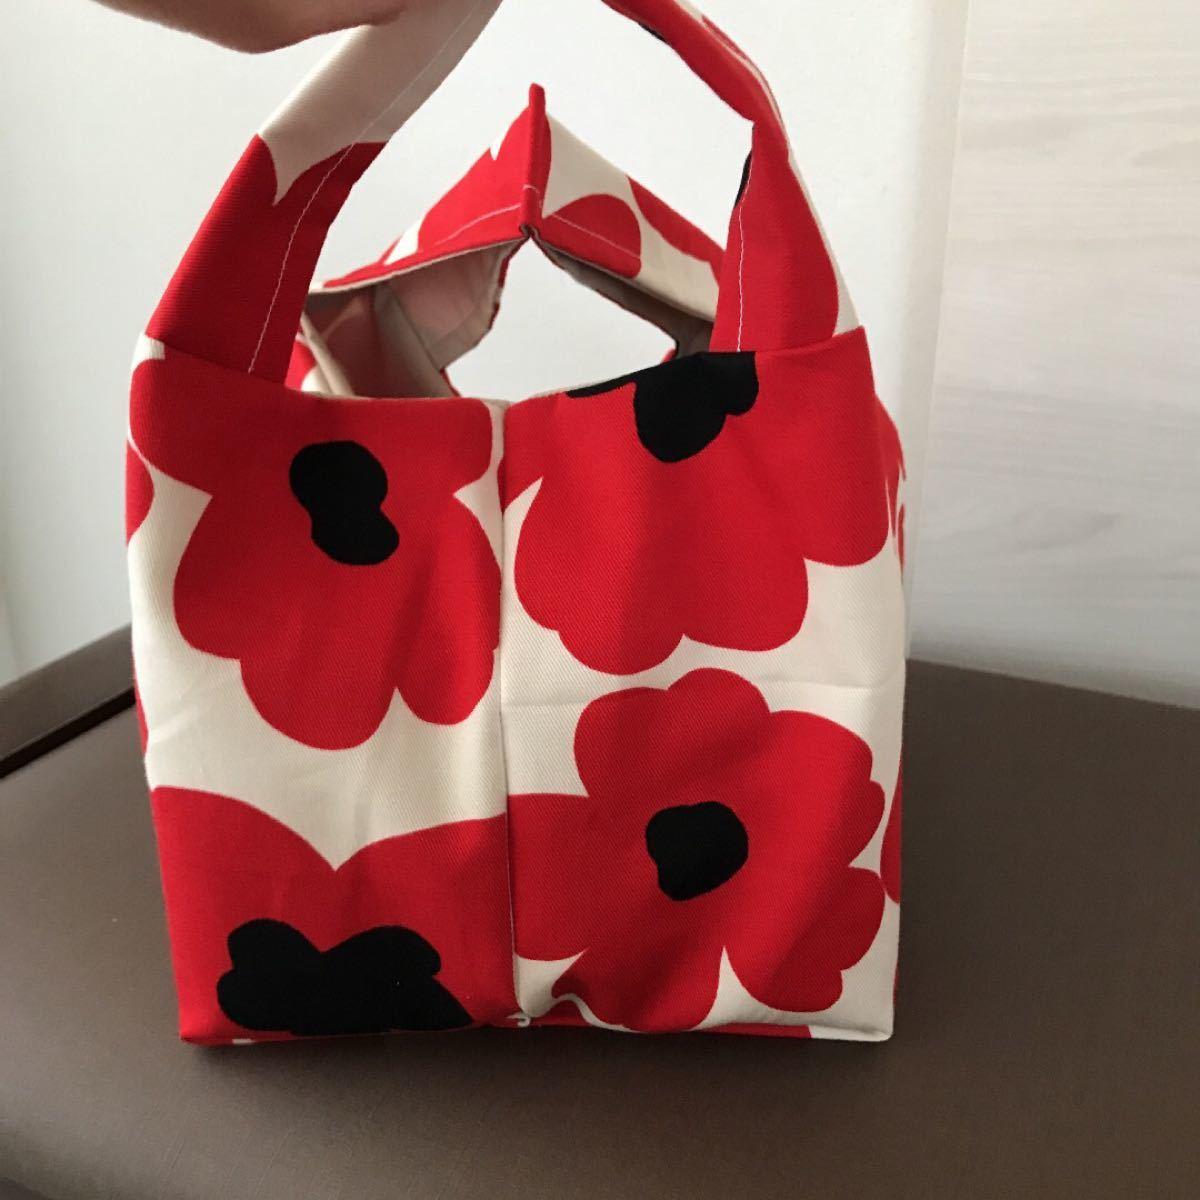 エコバッグ マイバッグ コンビニサイズ 折りたたみ 北欧 花柄 ハンドメイド